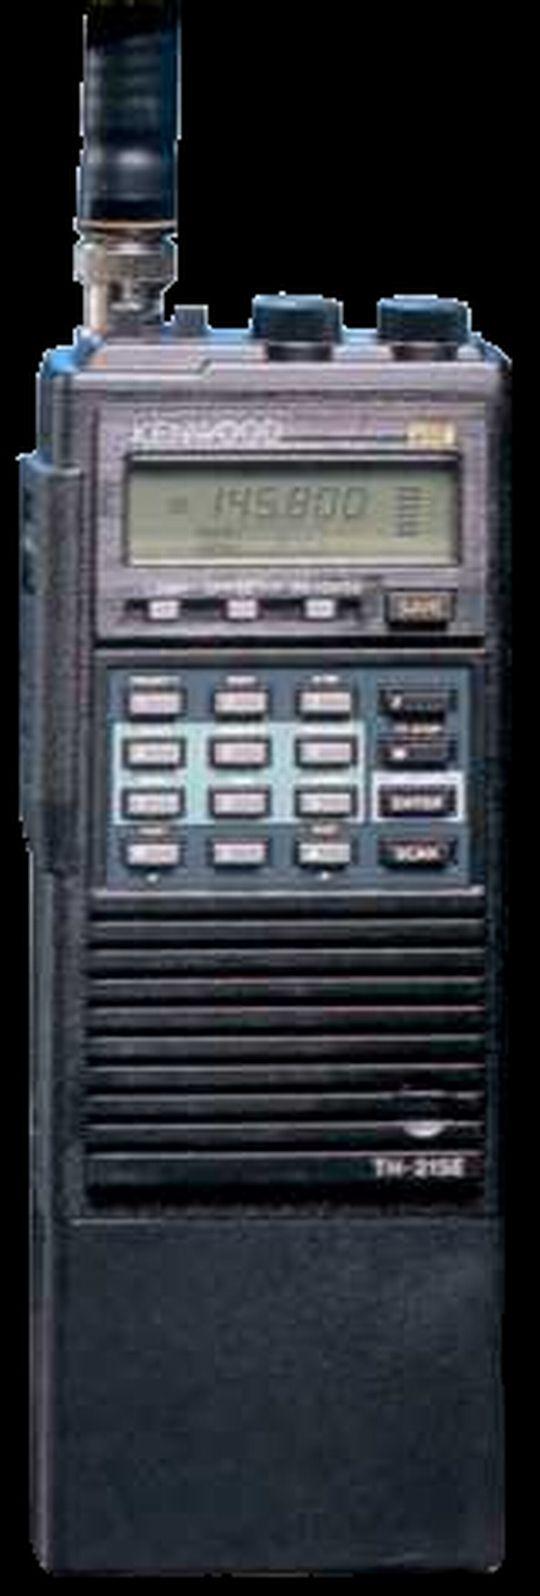 Kenwood radio amateur ht